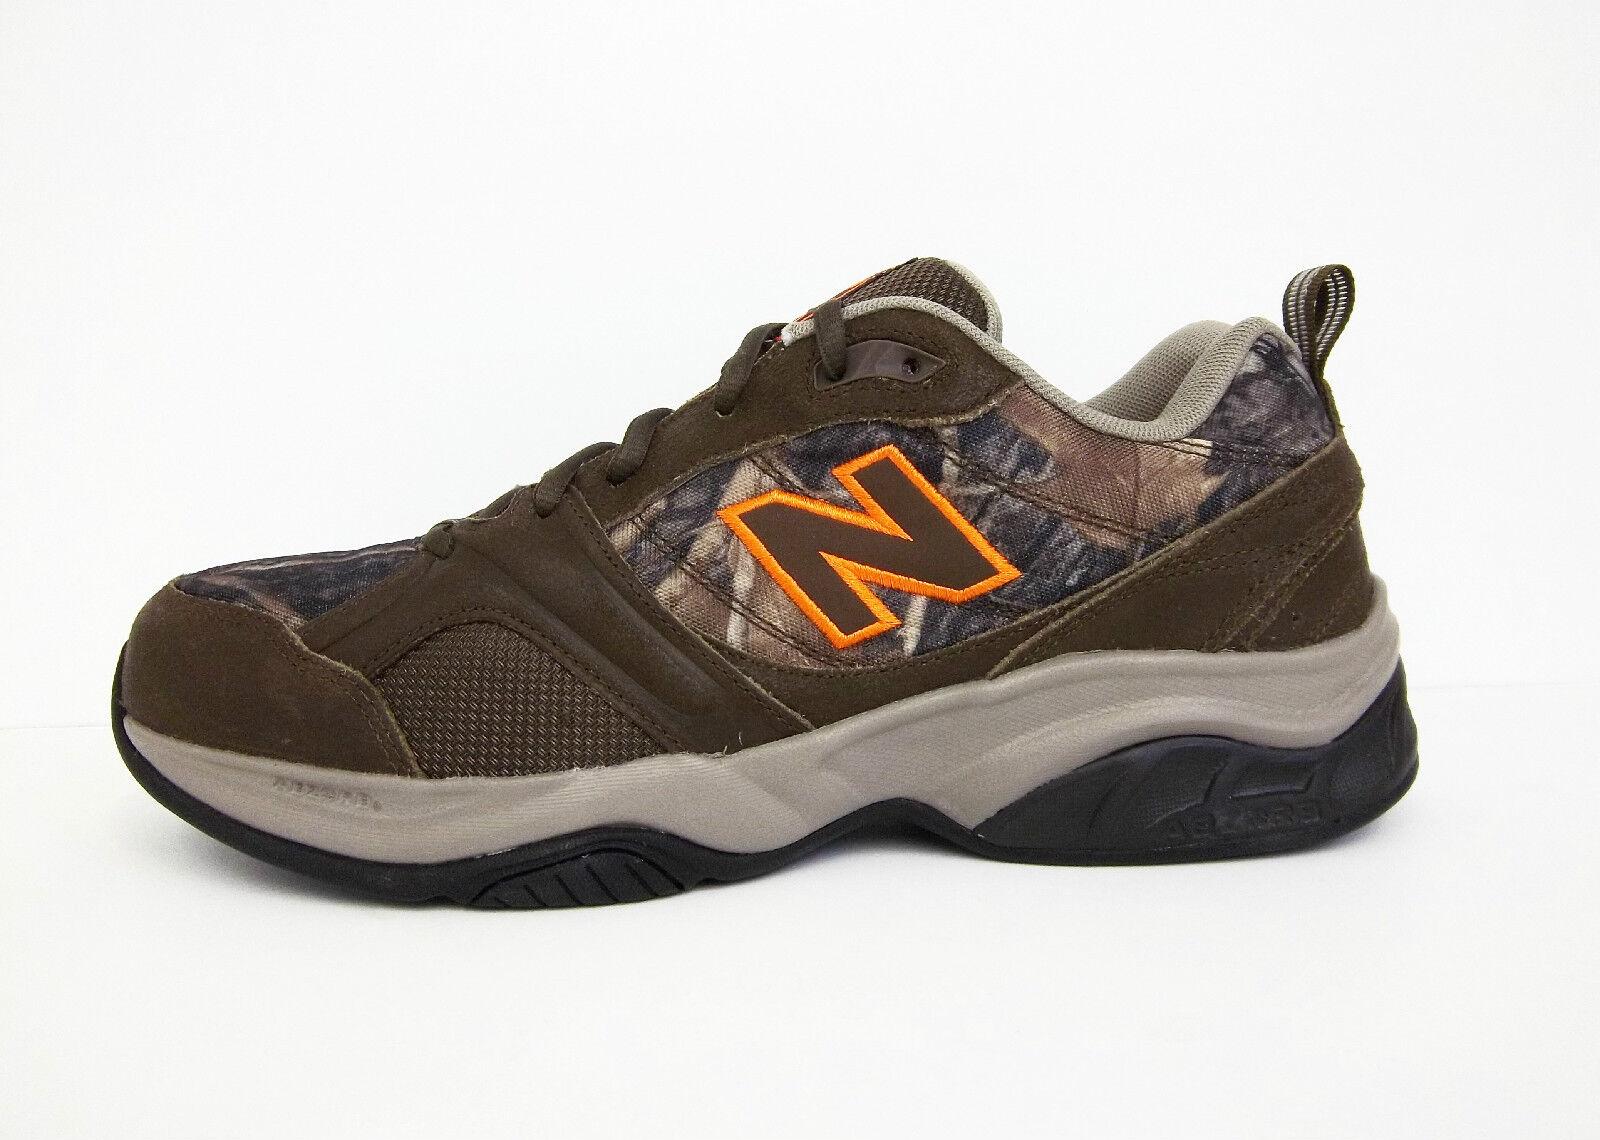 New Balance mx623cm2 Para Hombre mx623cm2 Balance formación Zapato camo/Naranja cf853b